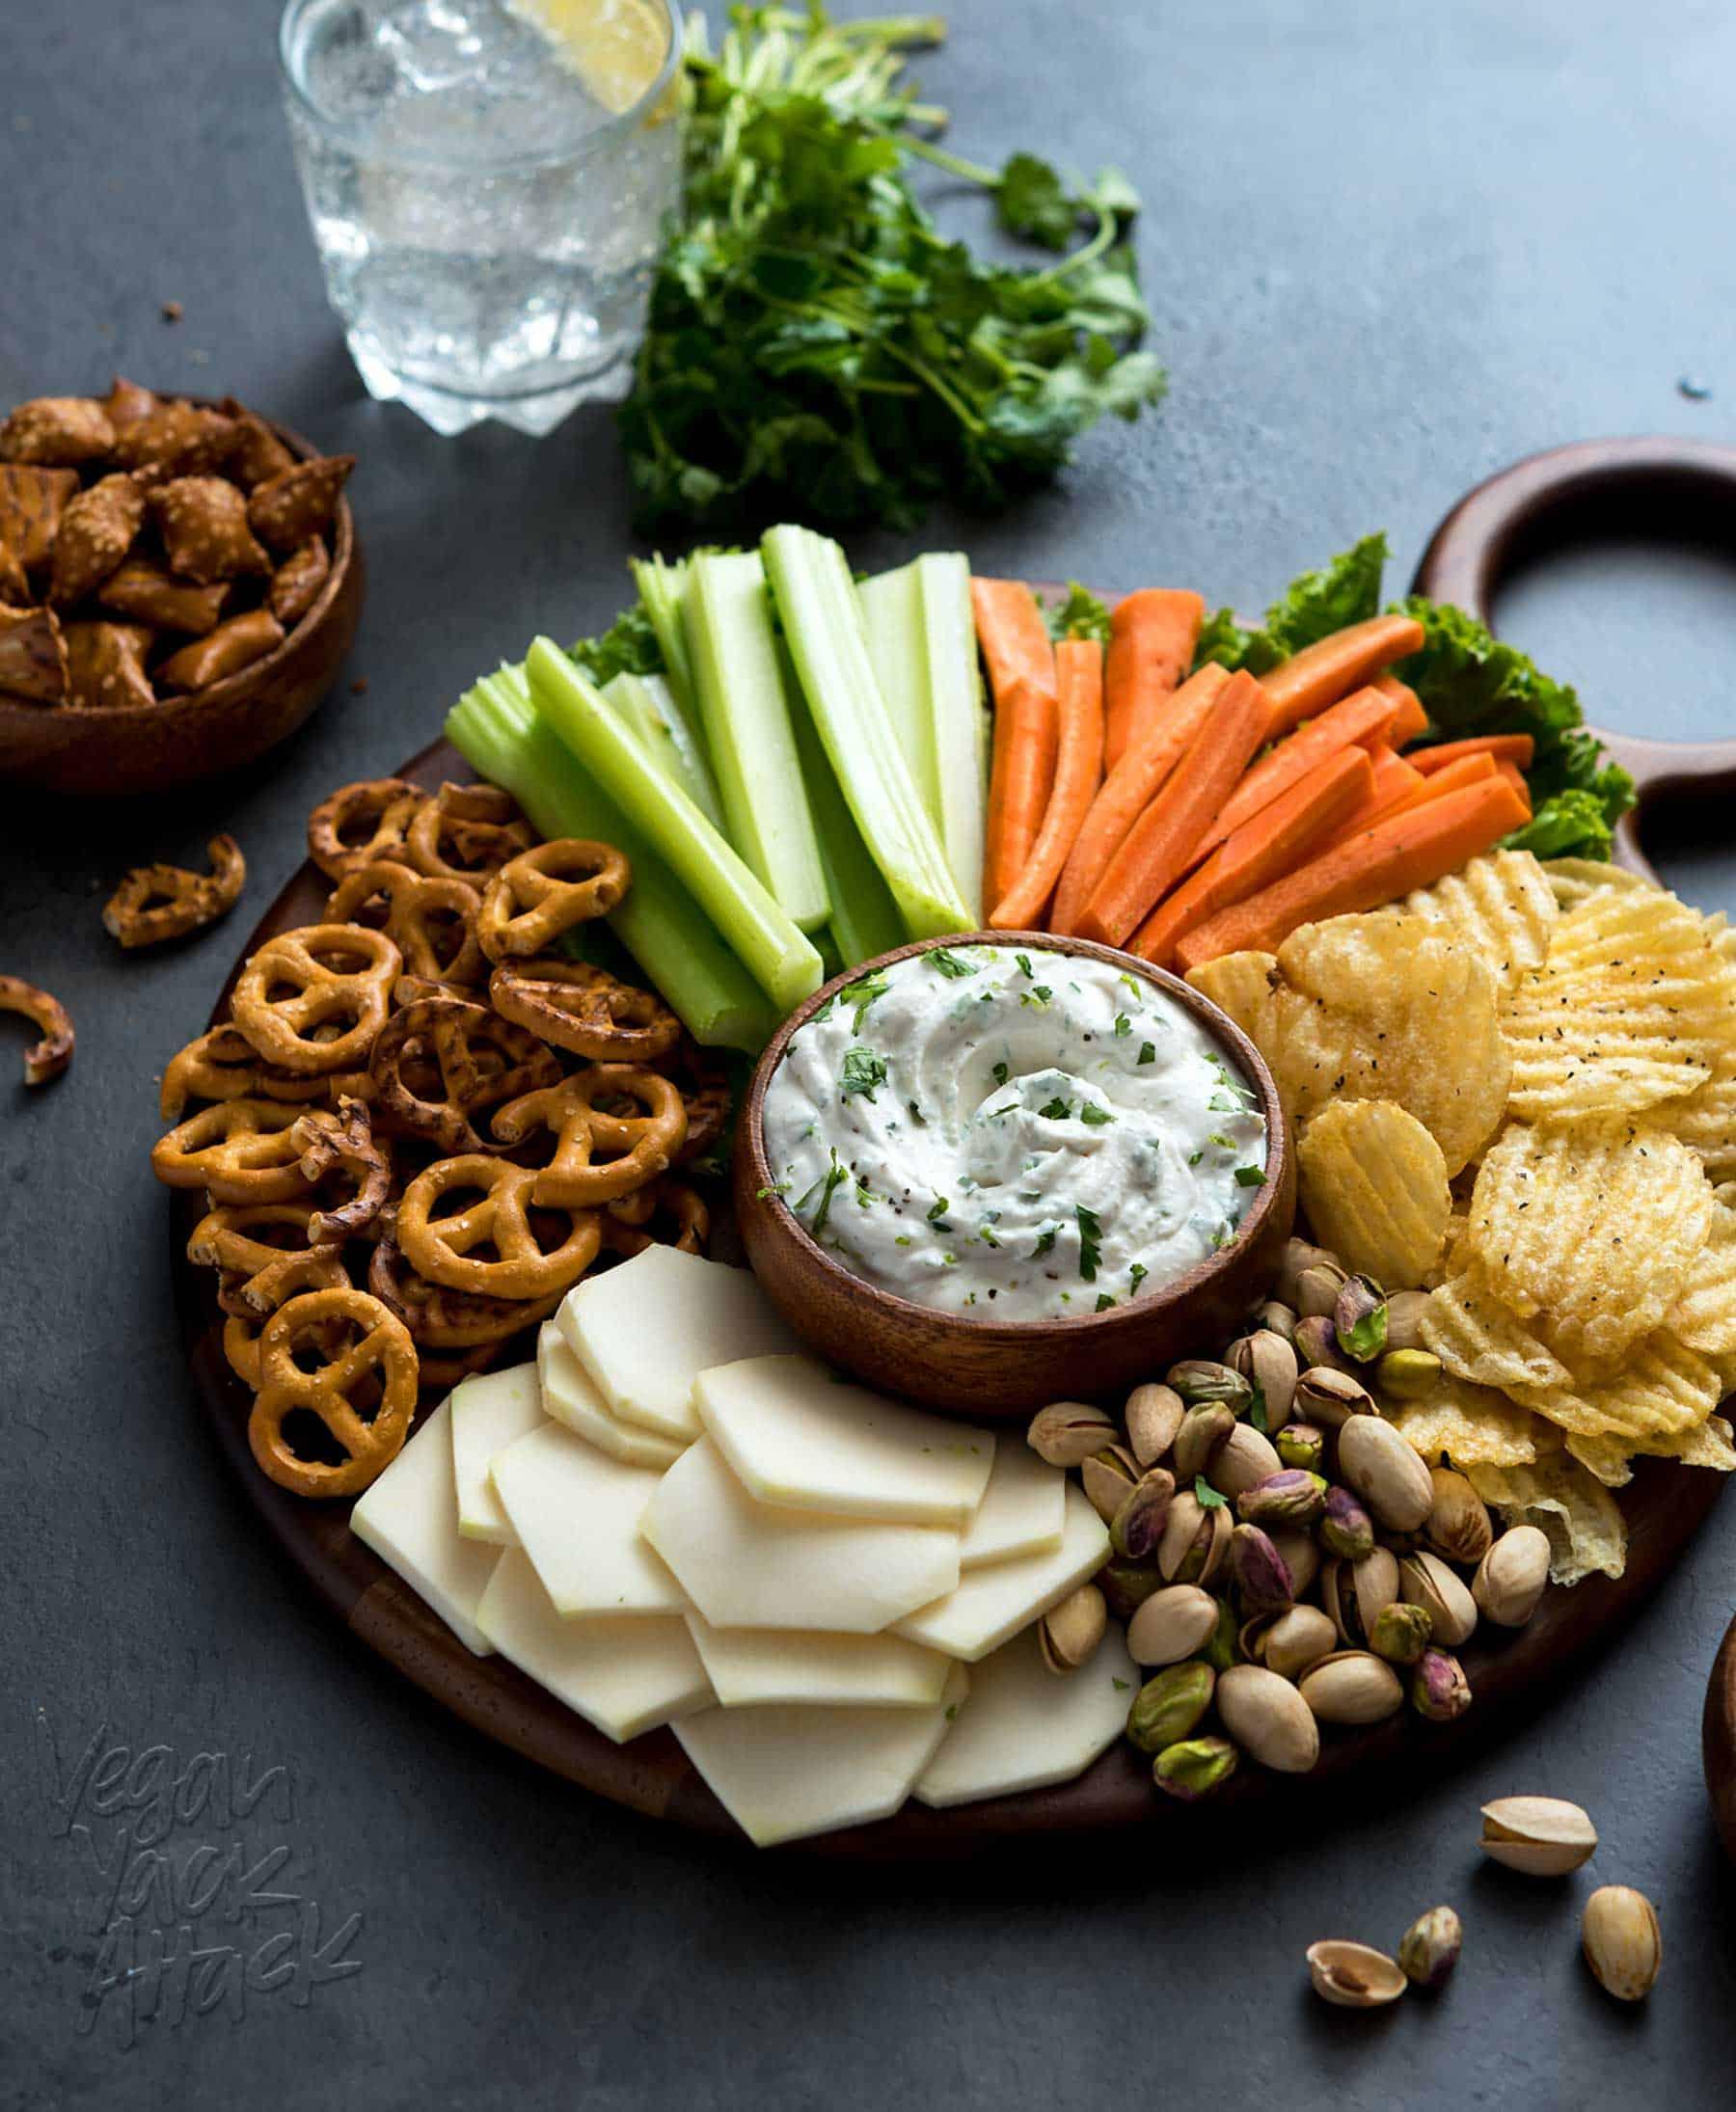 Cilantro Onion Dip Party Platter